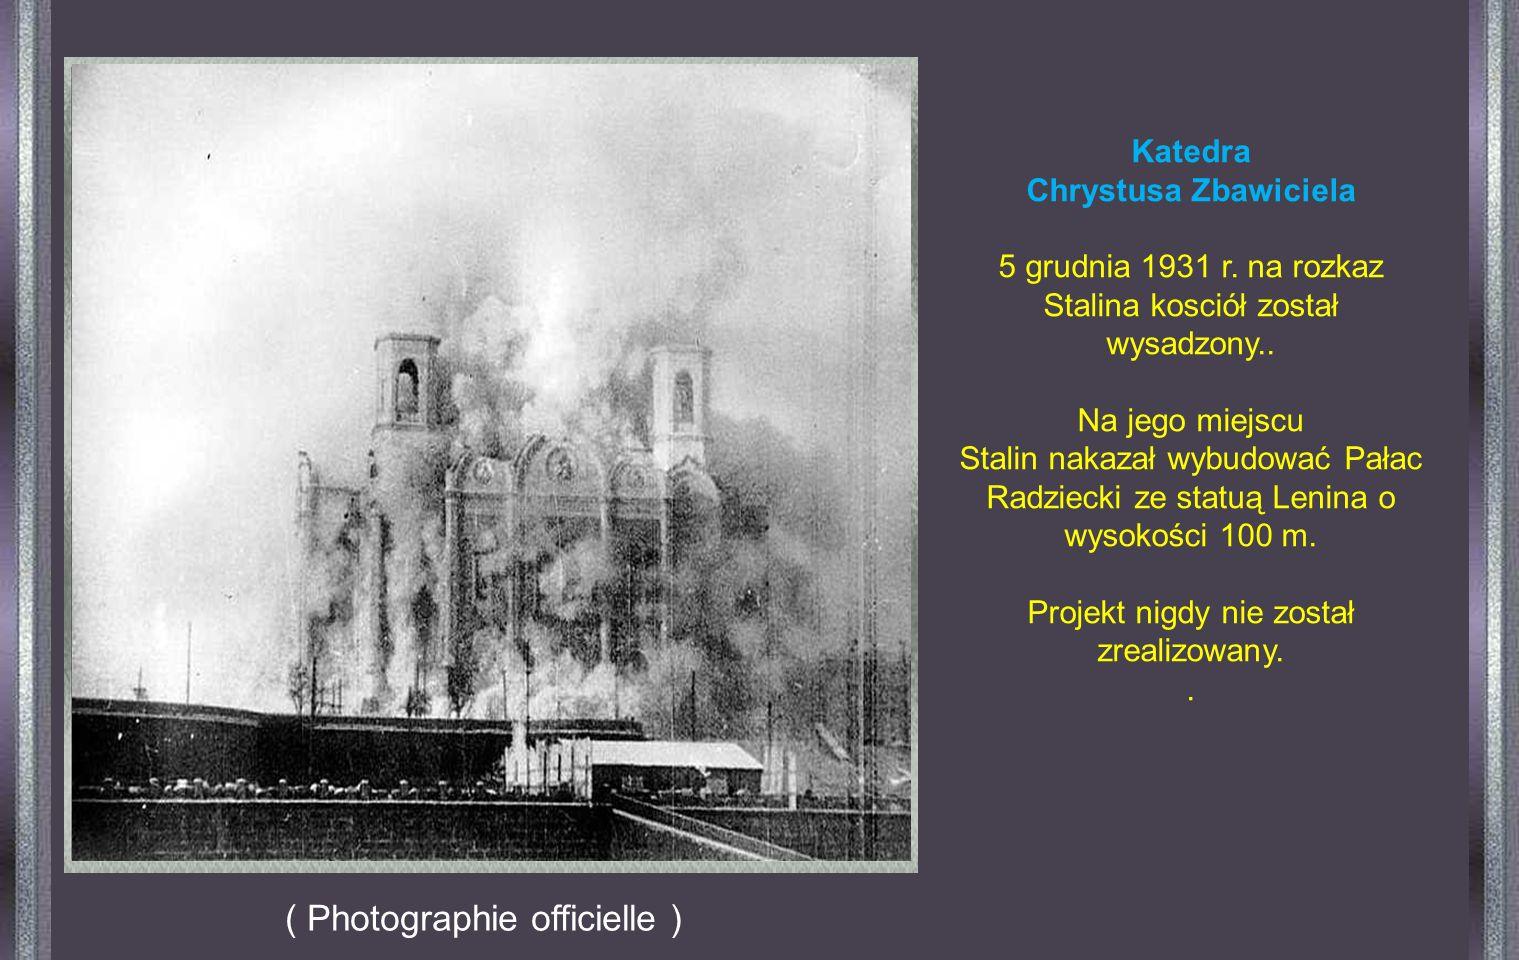 Rekonstrukcja trwała 44 lata. 20 maja 1883r.,w dniu koronacji Aleksandra III została otwarta dla wiernych.